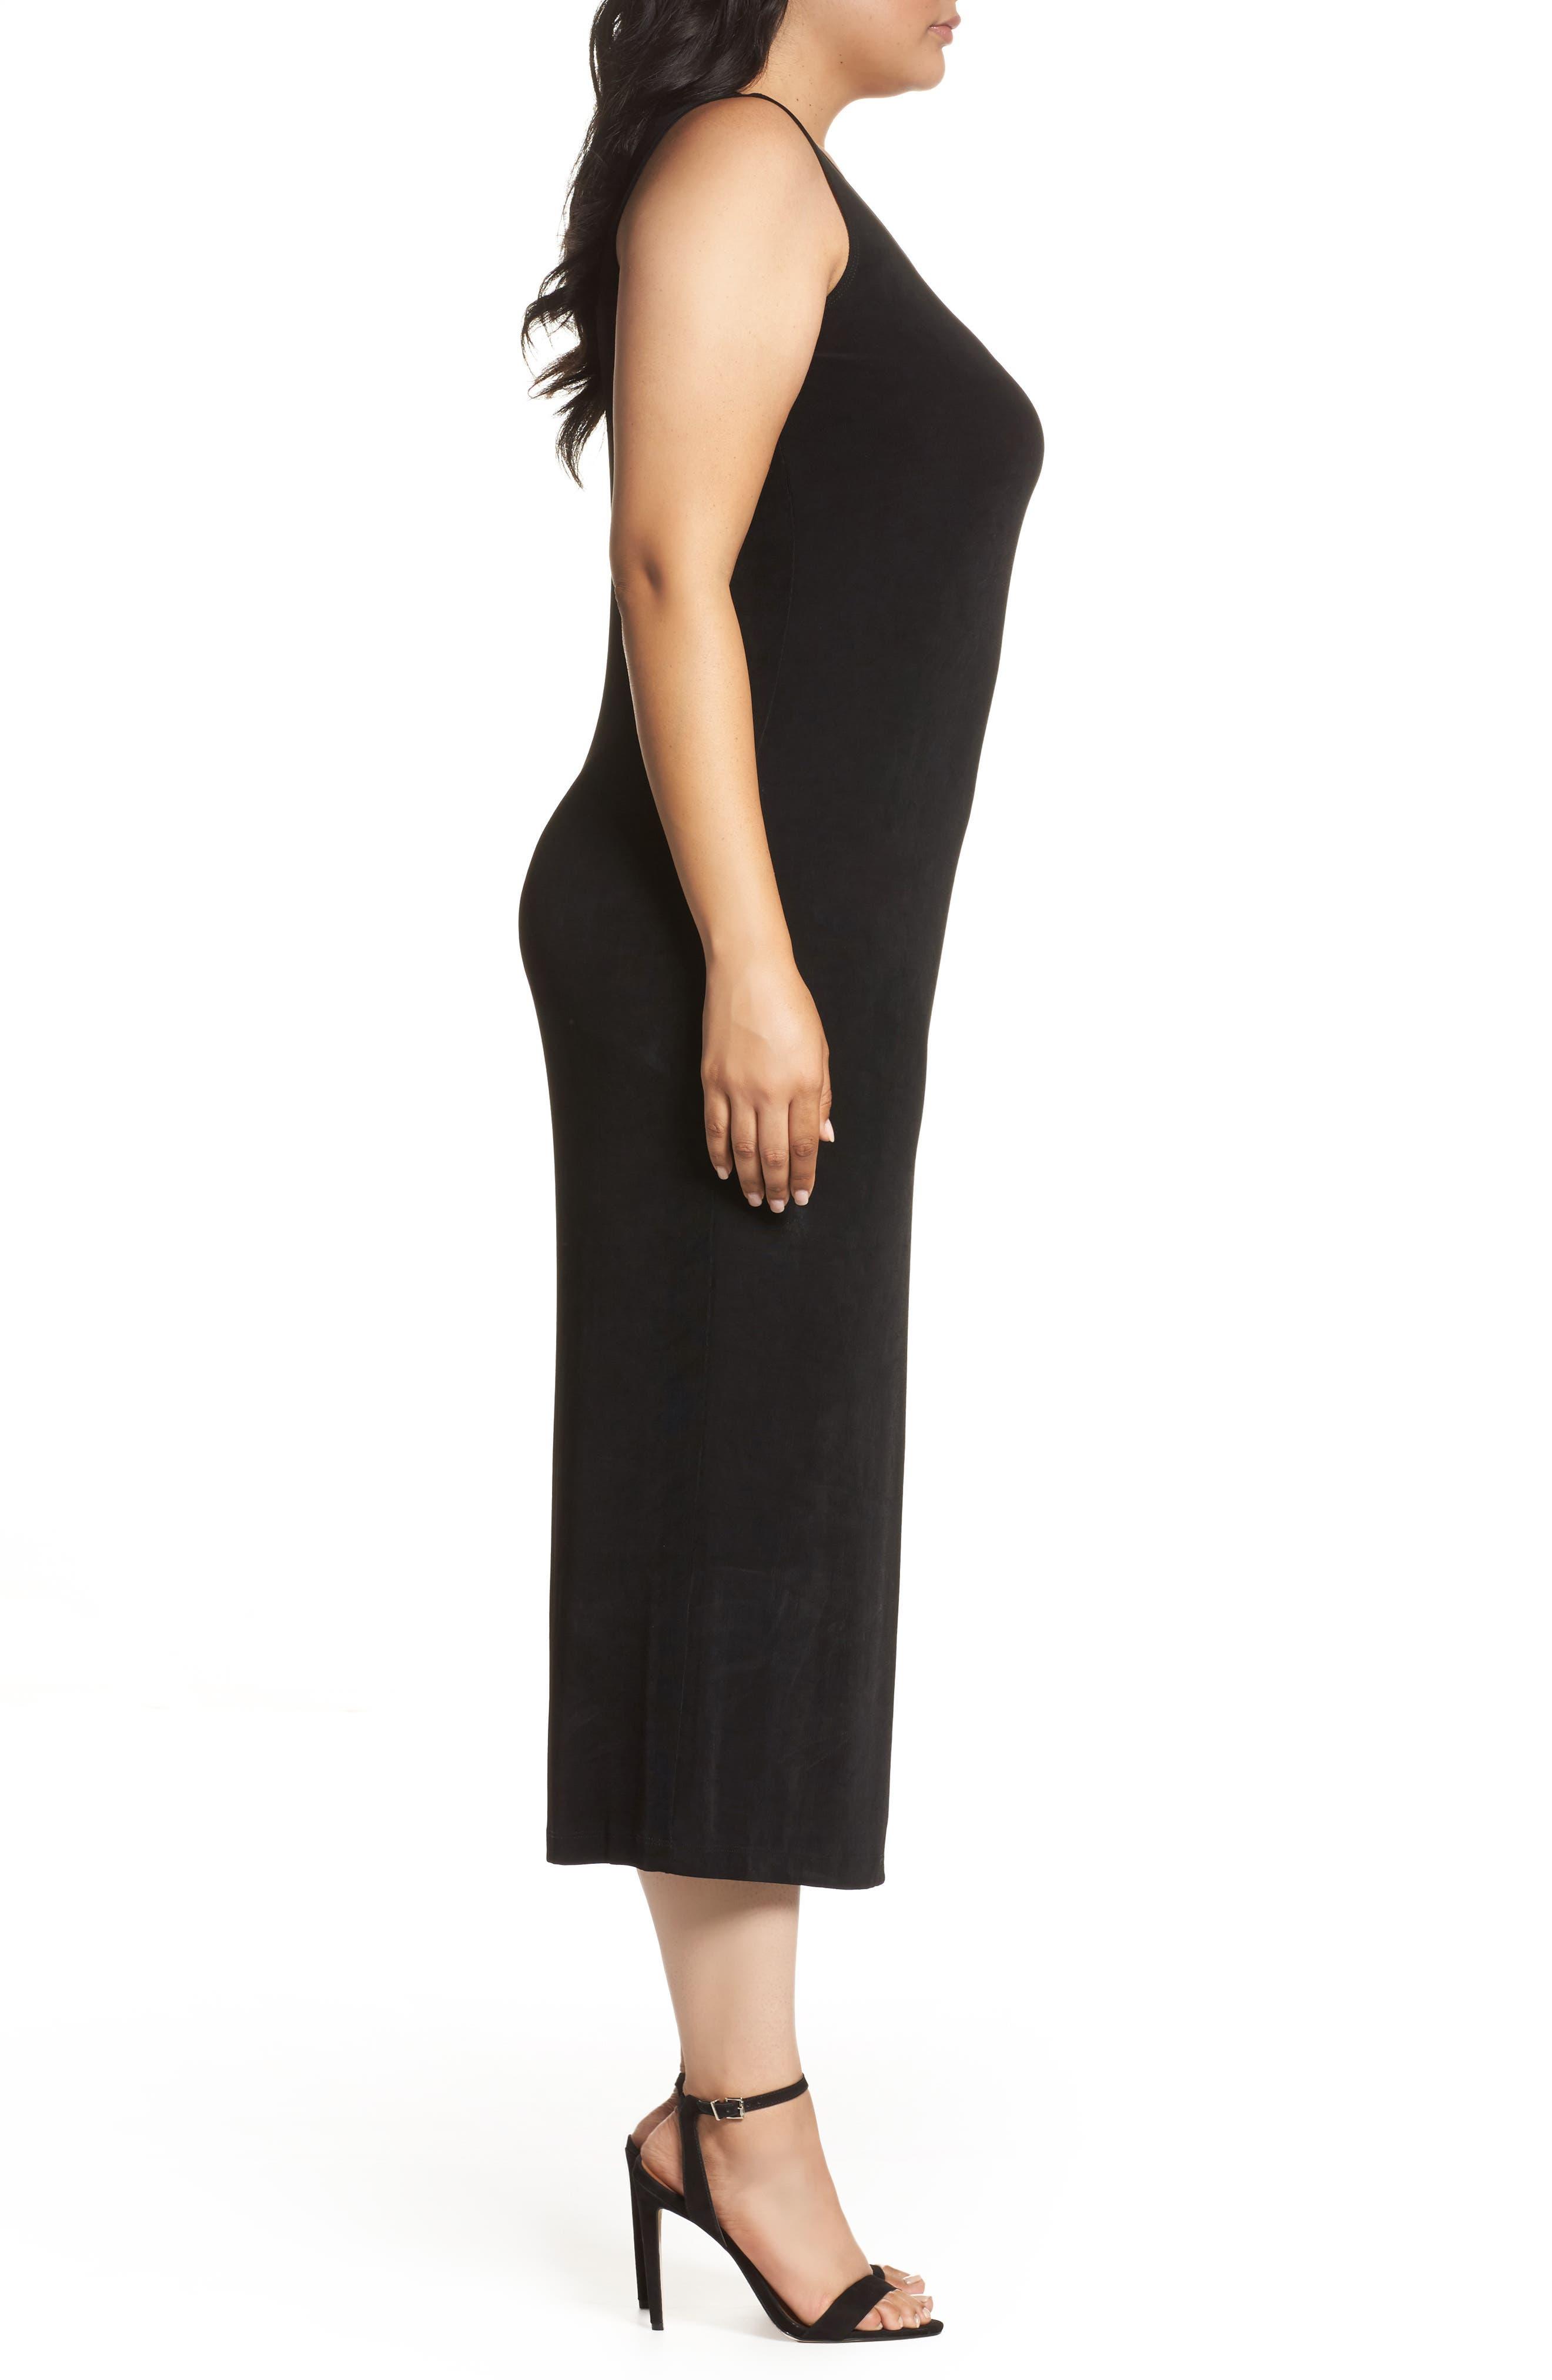 VIKKI VI, Sleeveless Maxi Tank Dress, Alternate thumbnail 3, color, BLACK